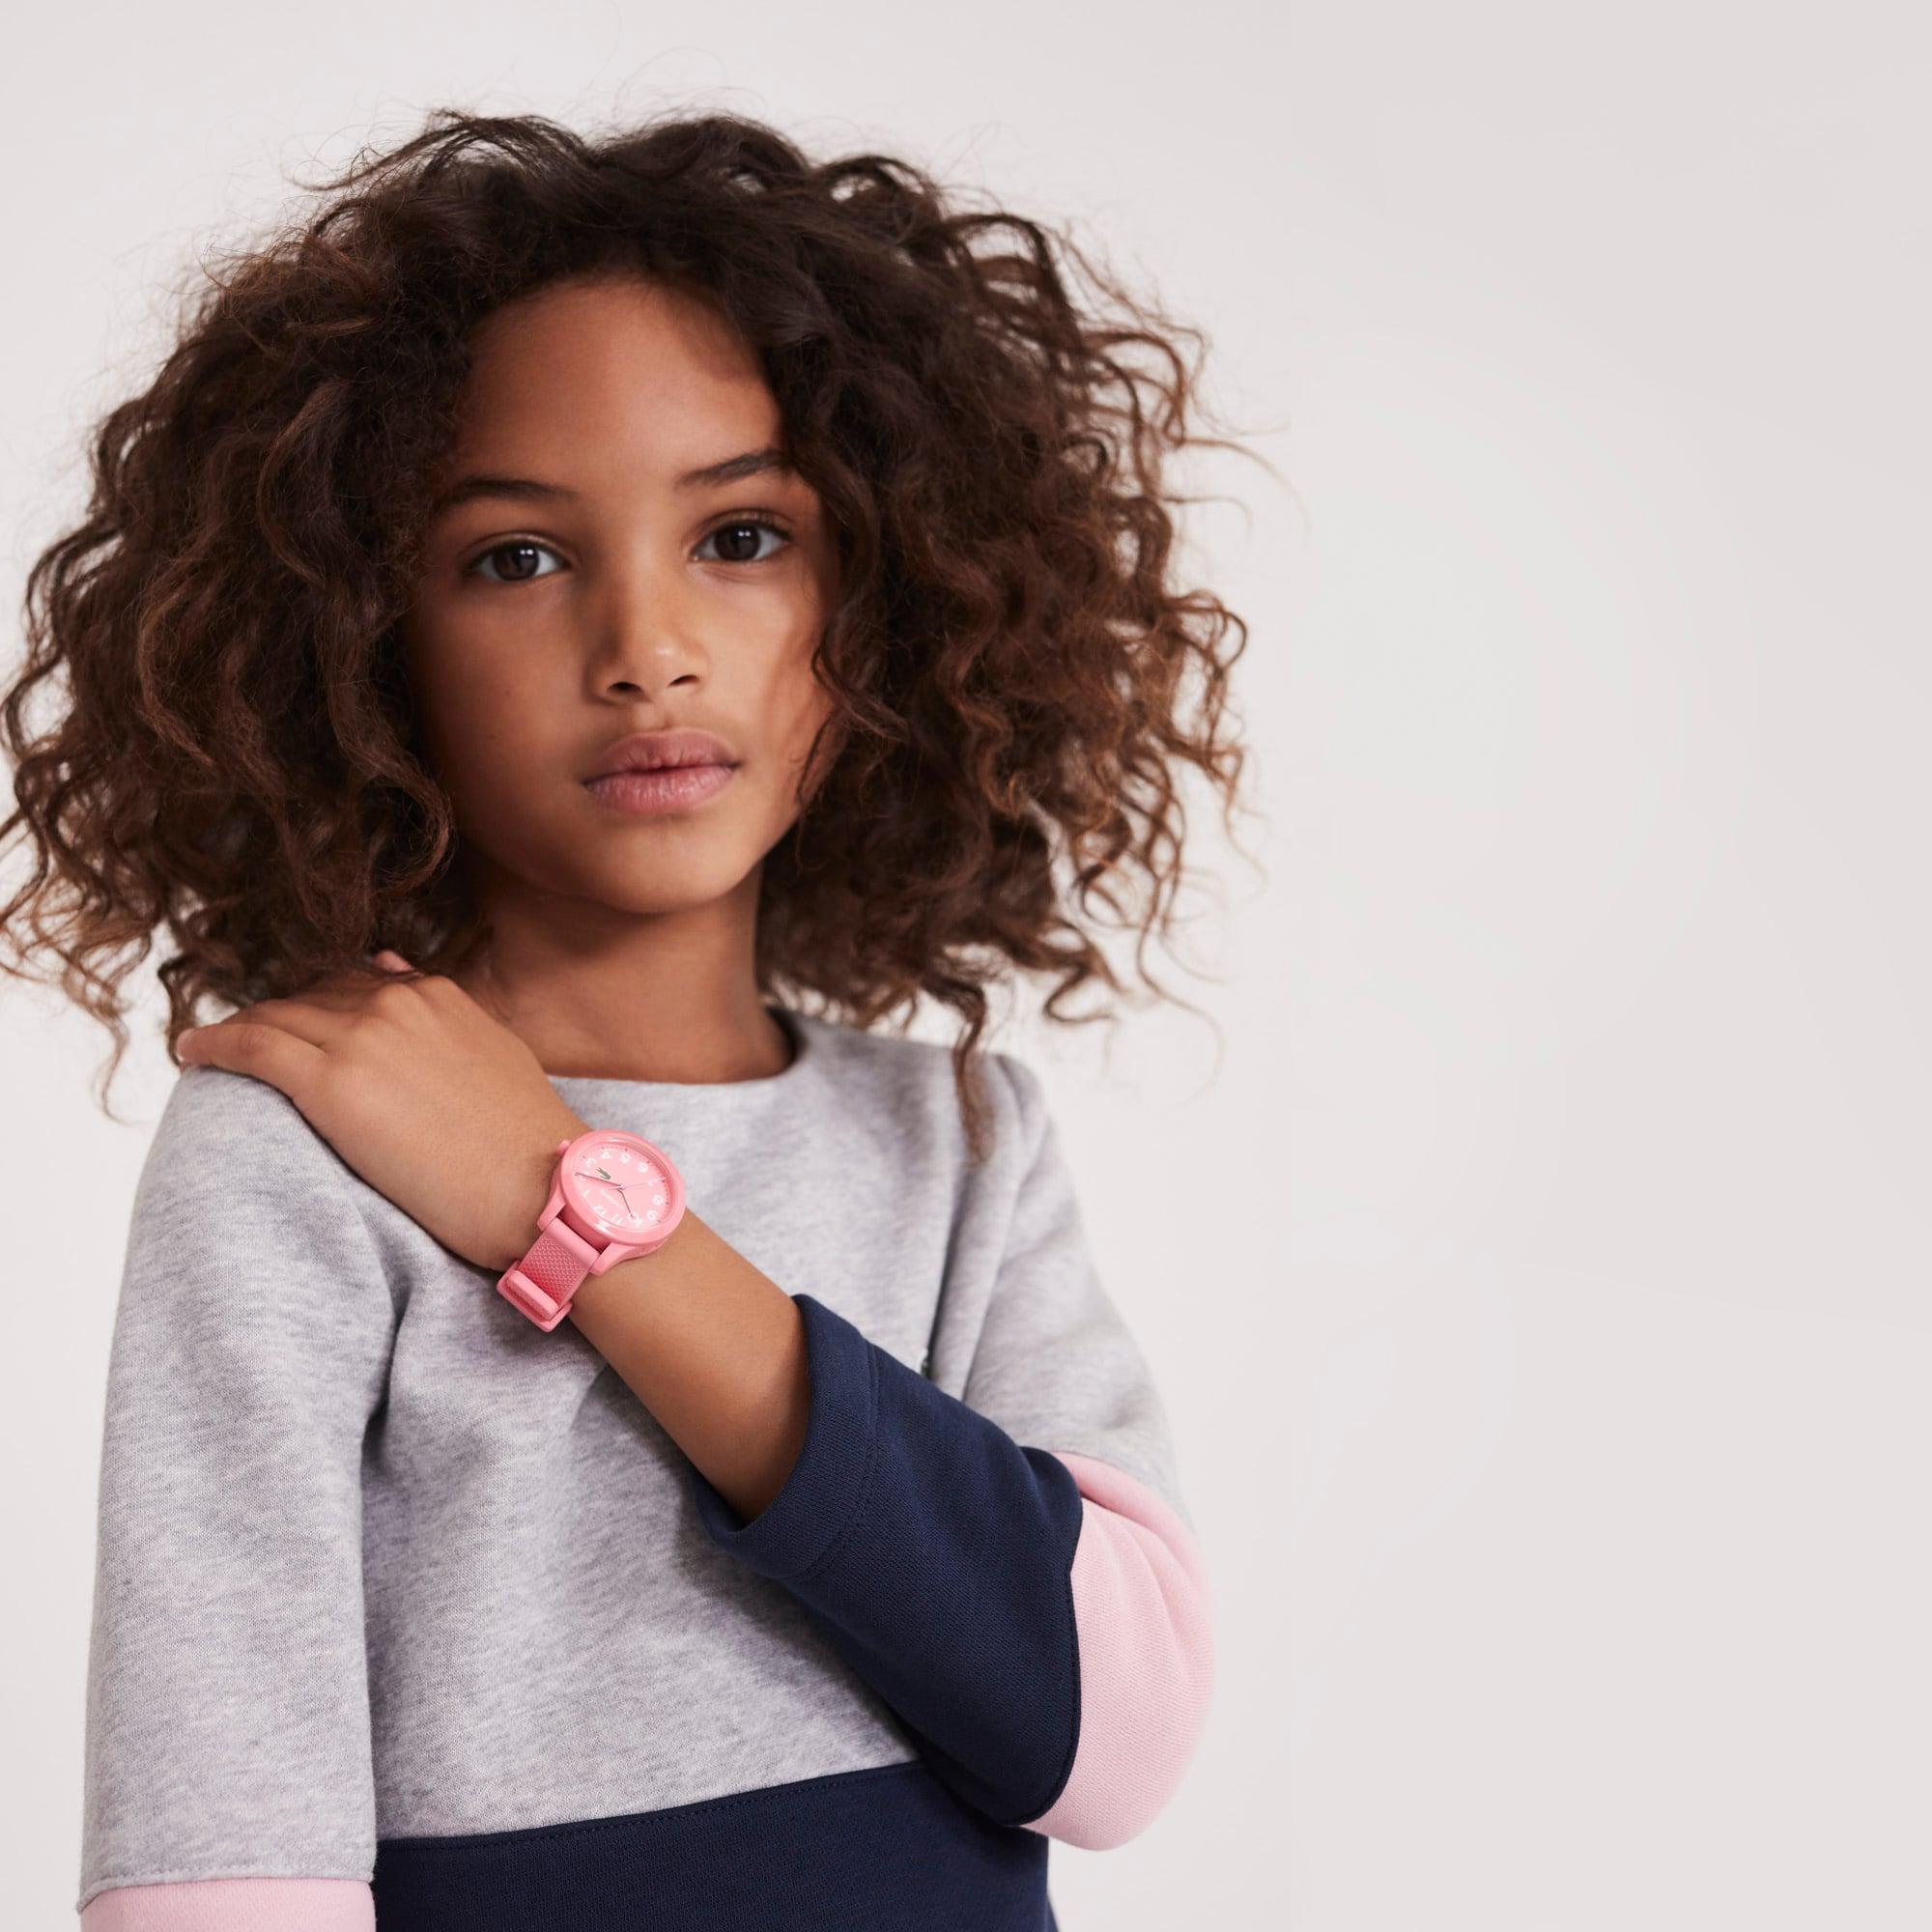 Relógio Lacoste 12.12 de criança com bracelete de silicone rosa